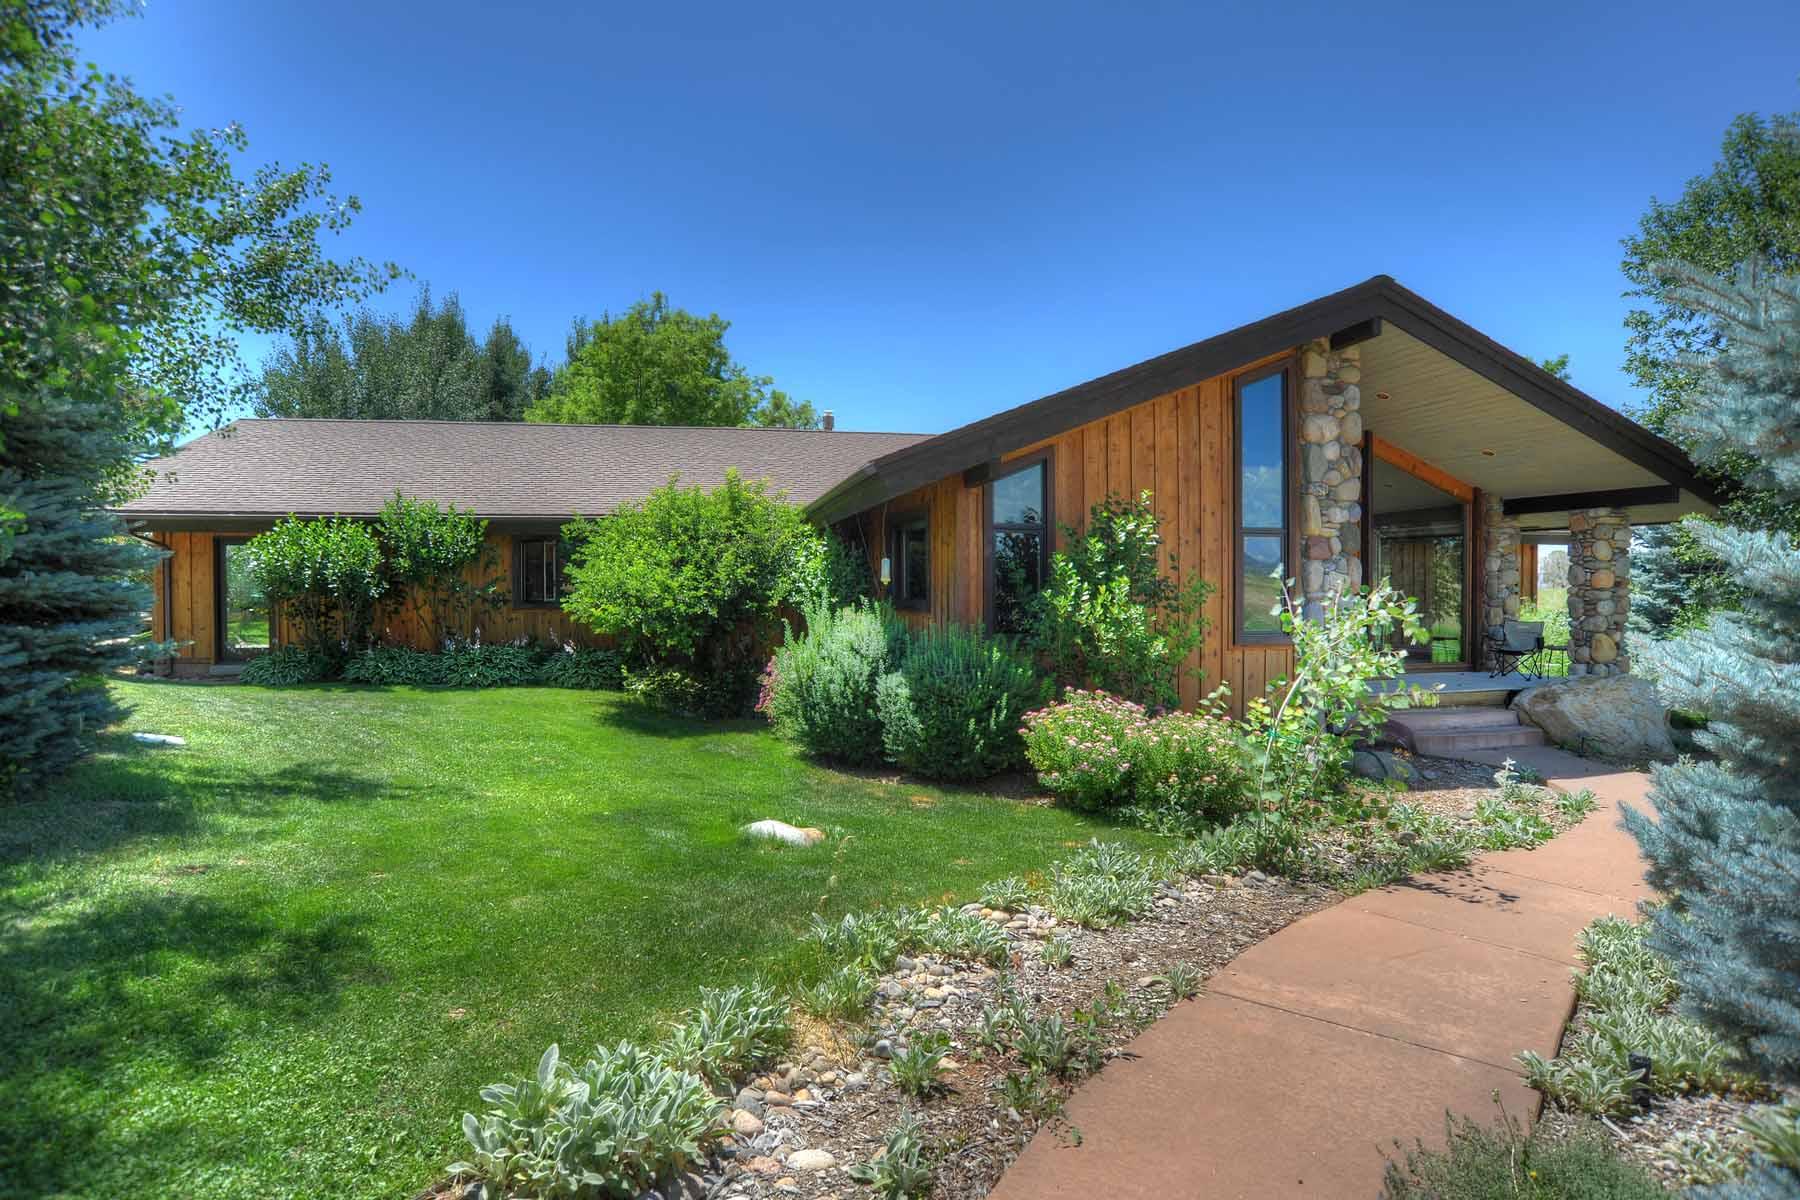 独户住宅 为 销售 在 Flying Buffalo Ranch 908 CR 520 贝菲尔德, 科罗拉多州 81122 美国